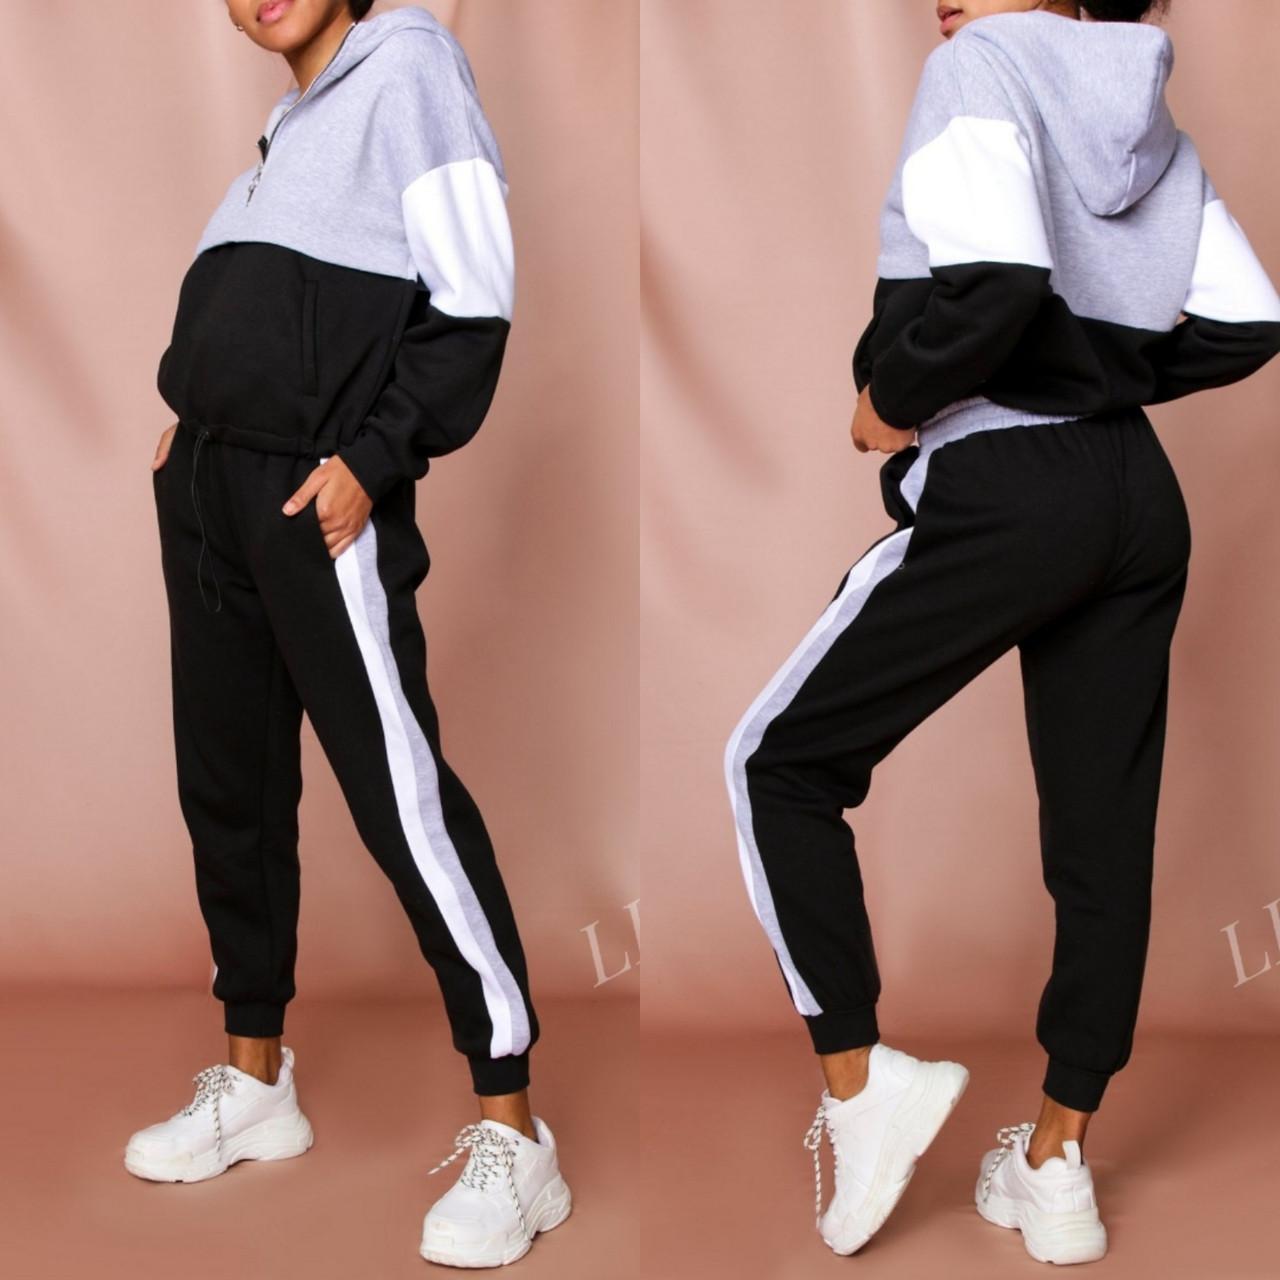 Женский спортивный костюм Турция, размеры норма, штаны+толстовка р.42-44,46-48 Код 807L